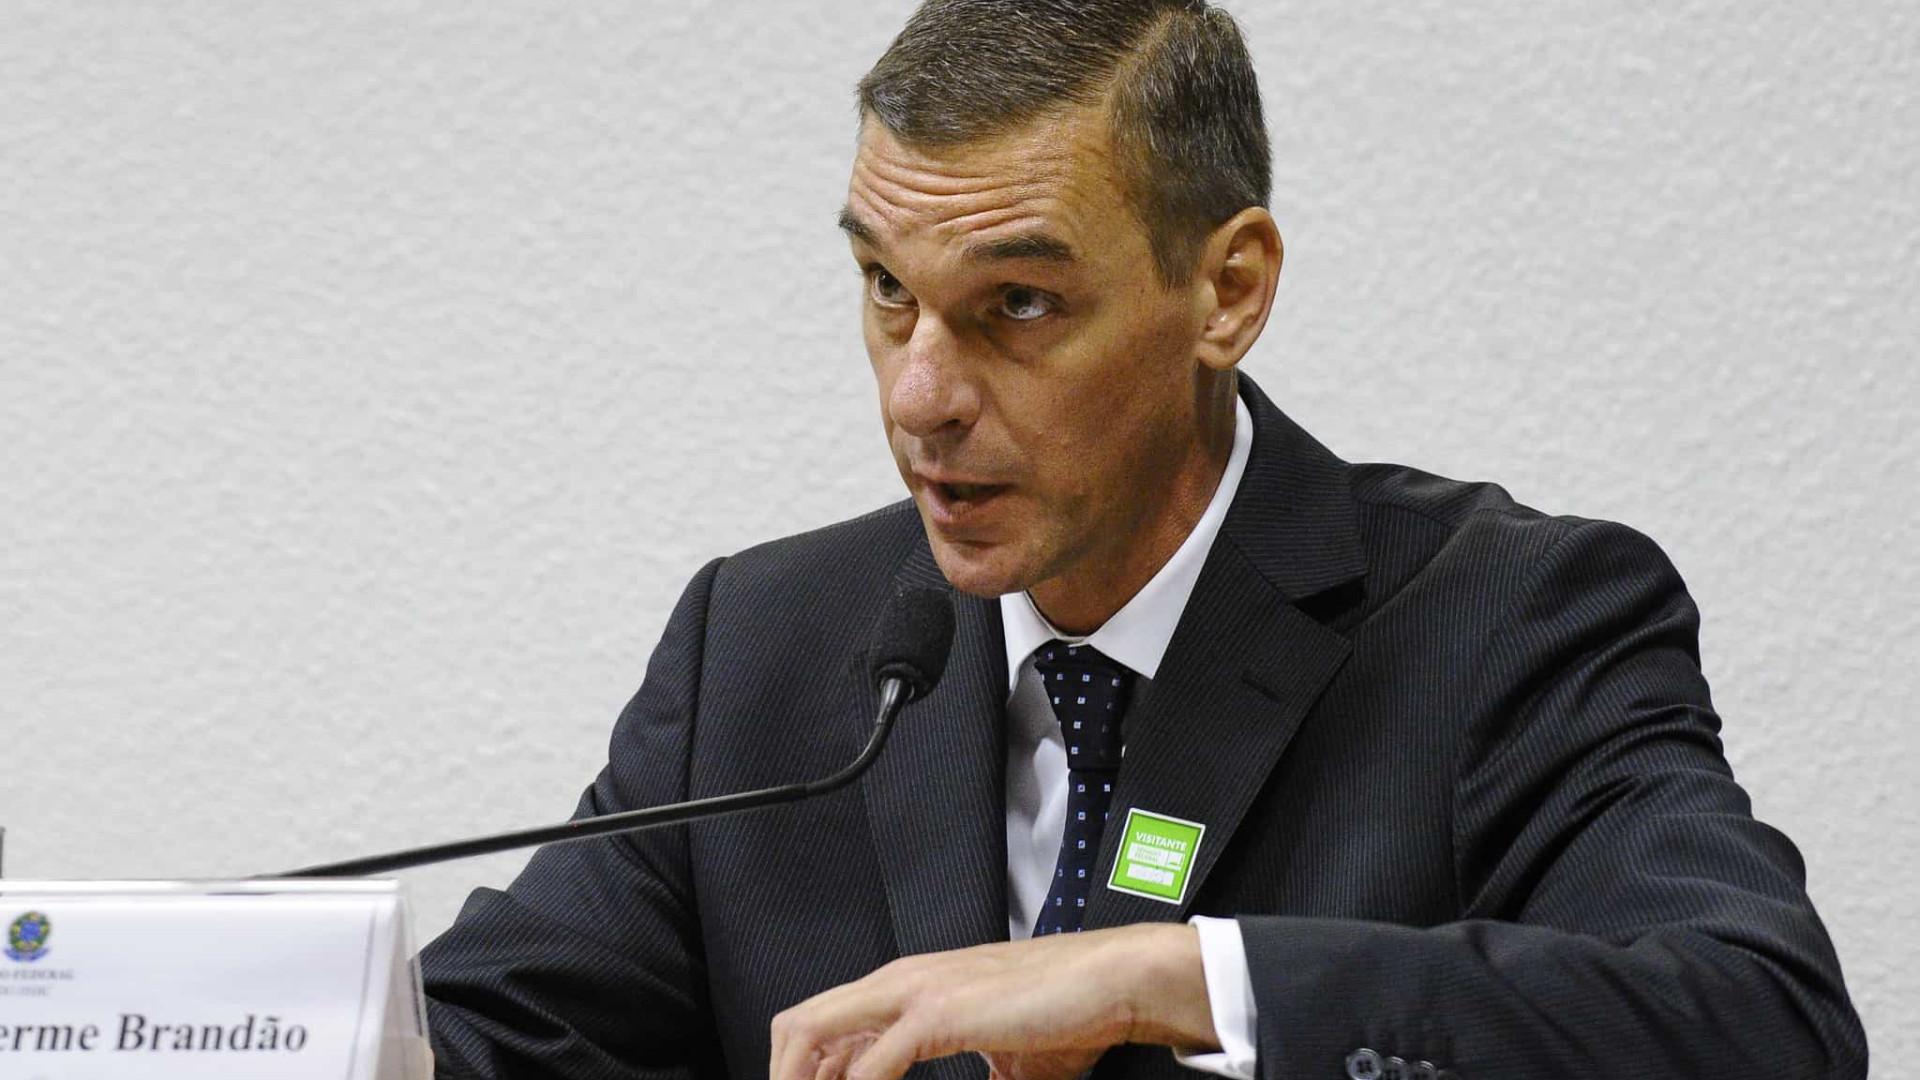 Presidente do BB fez carreira no atacado e participou da venda do HSBC